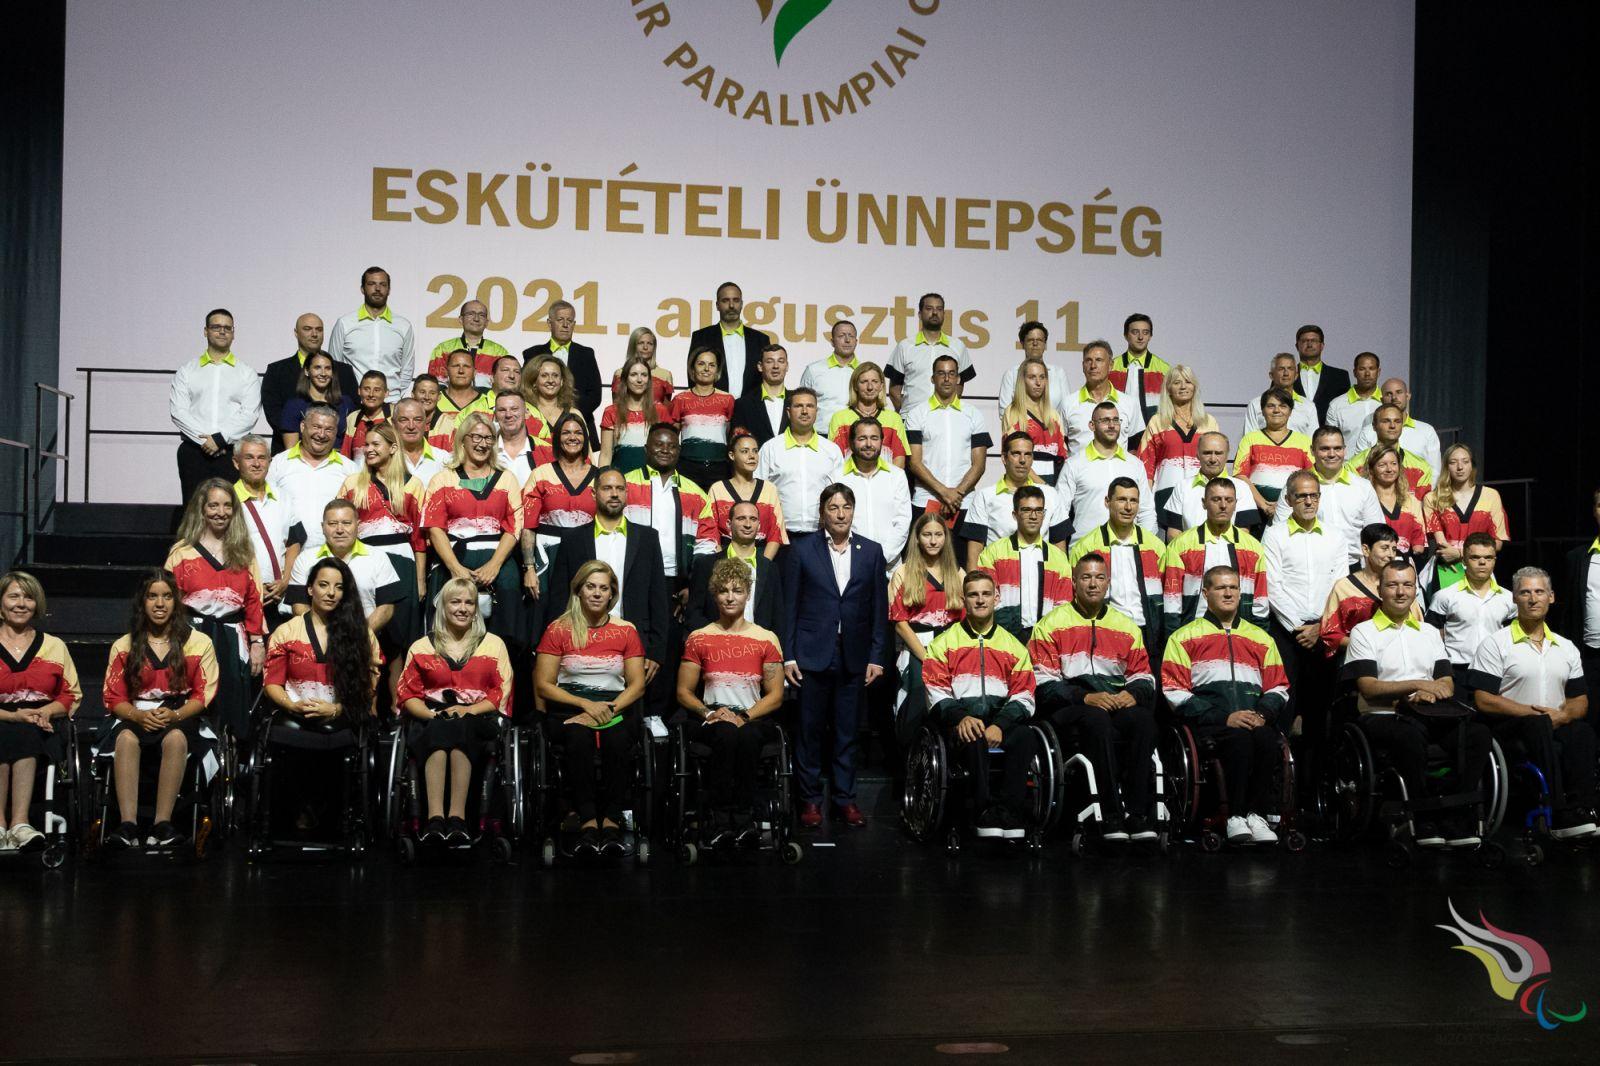 Éremesélyes egyetemisták a paralimpián